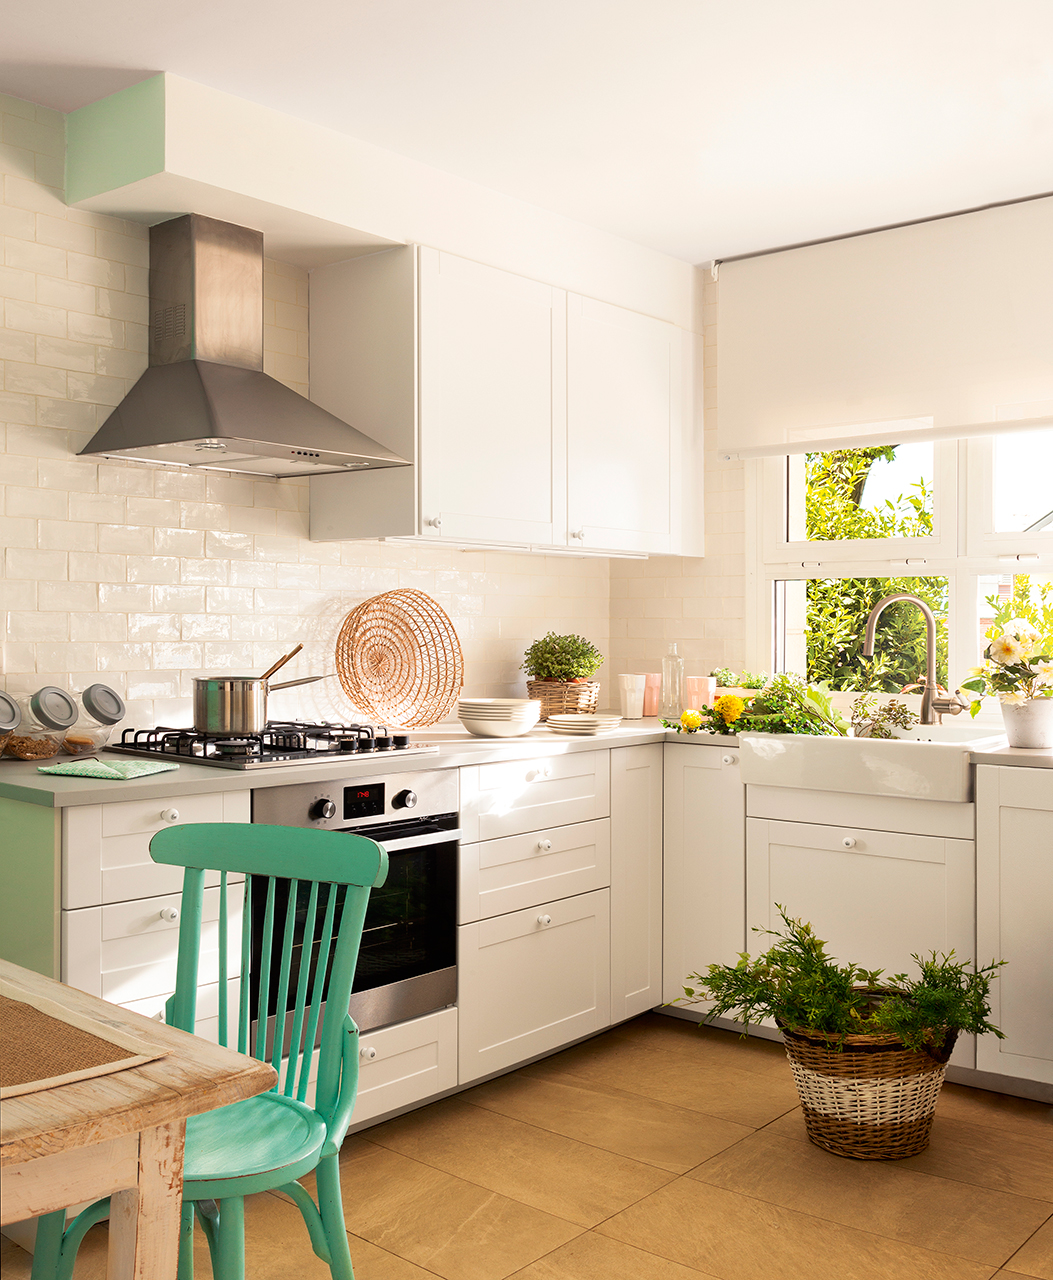 Ideas de decoraci n para cocinas peque as - Modelo cocinas pequenas ...